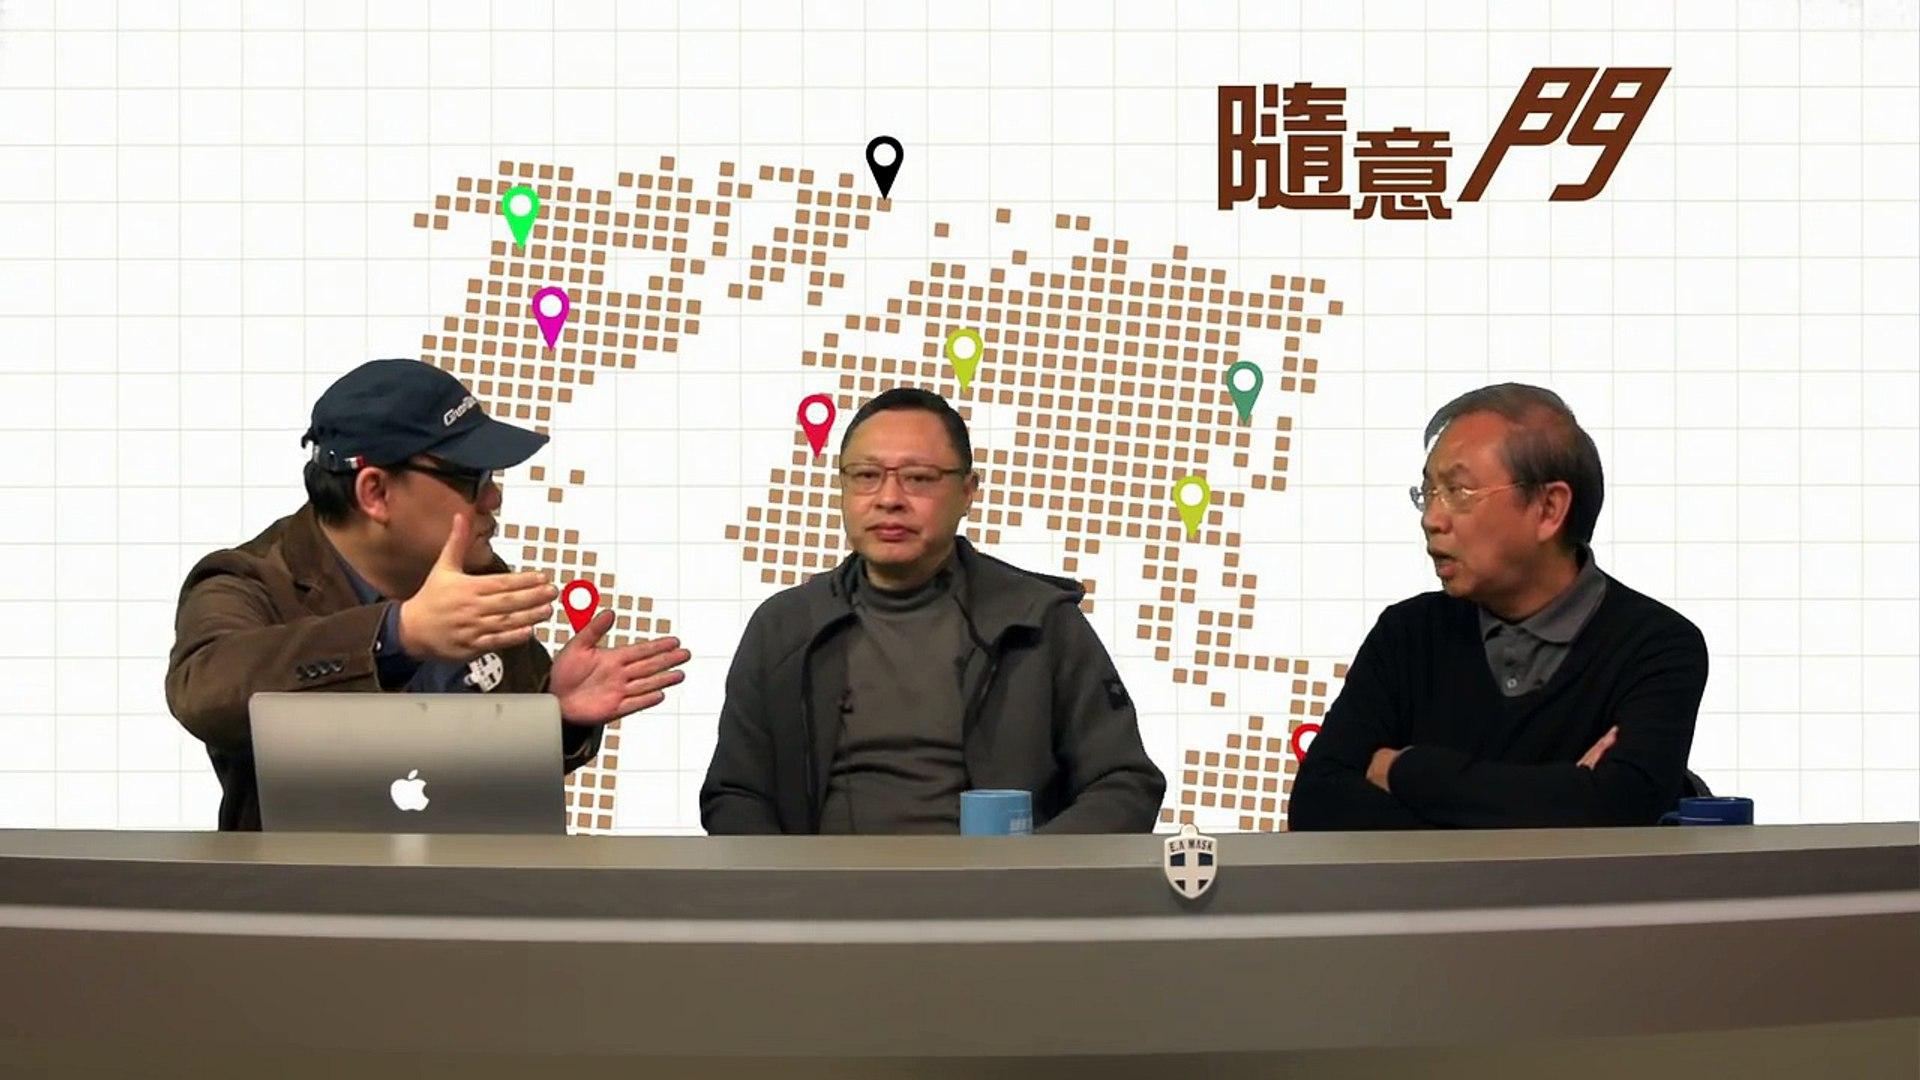 戴耀廷鄭宇碩補選後對談(三):非暴力路線變成最新界線?〈隨意門〉2016-03-01 c